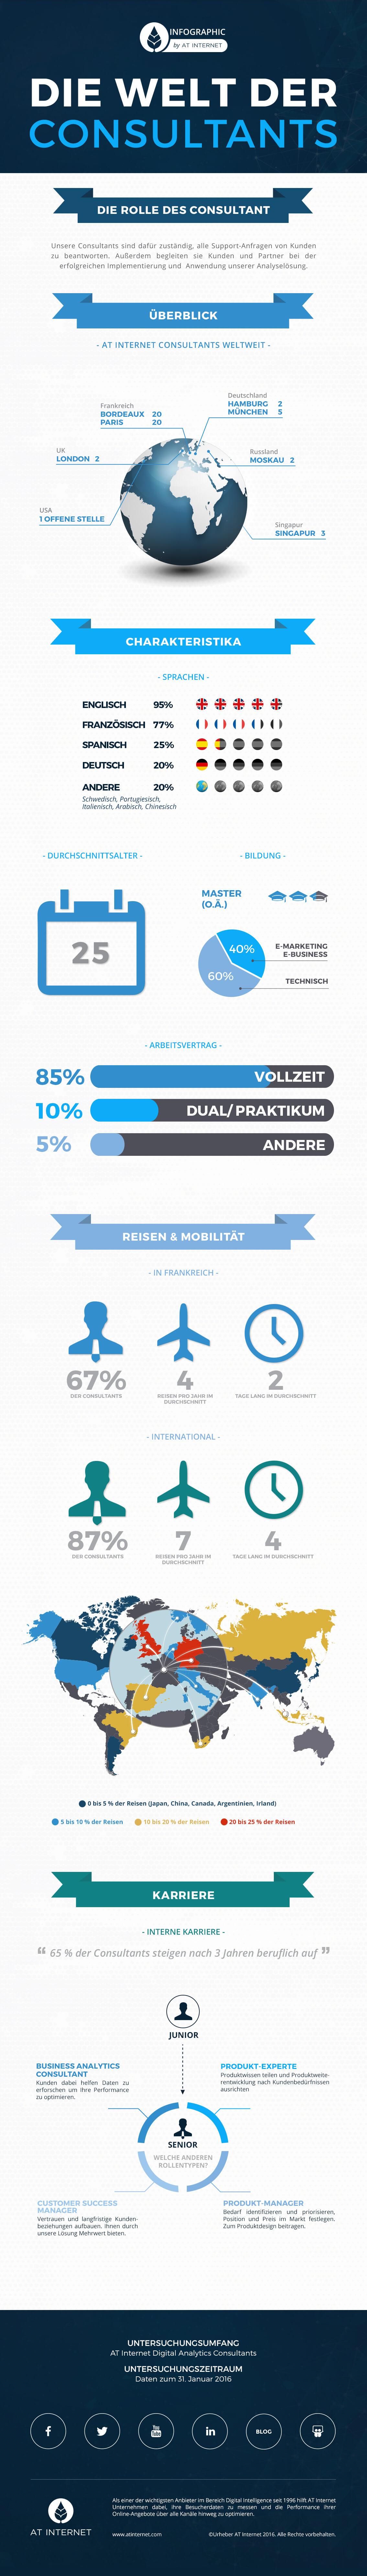 Infographie-Consultants-DE